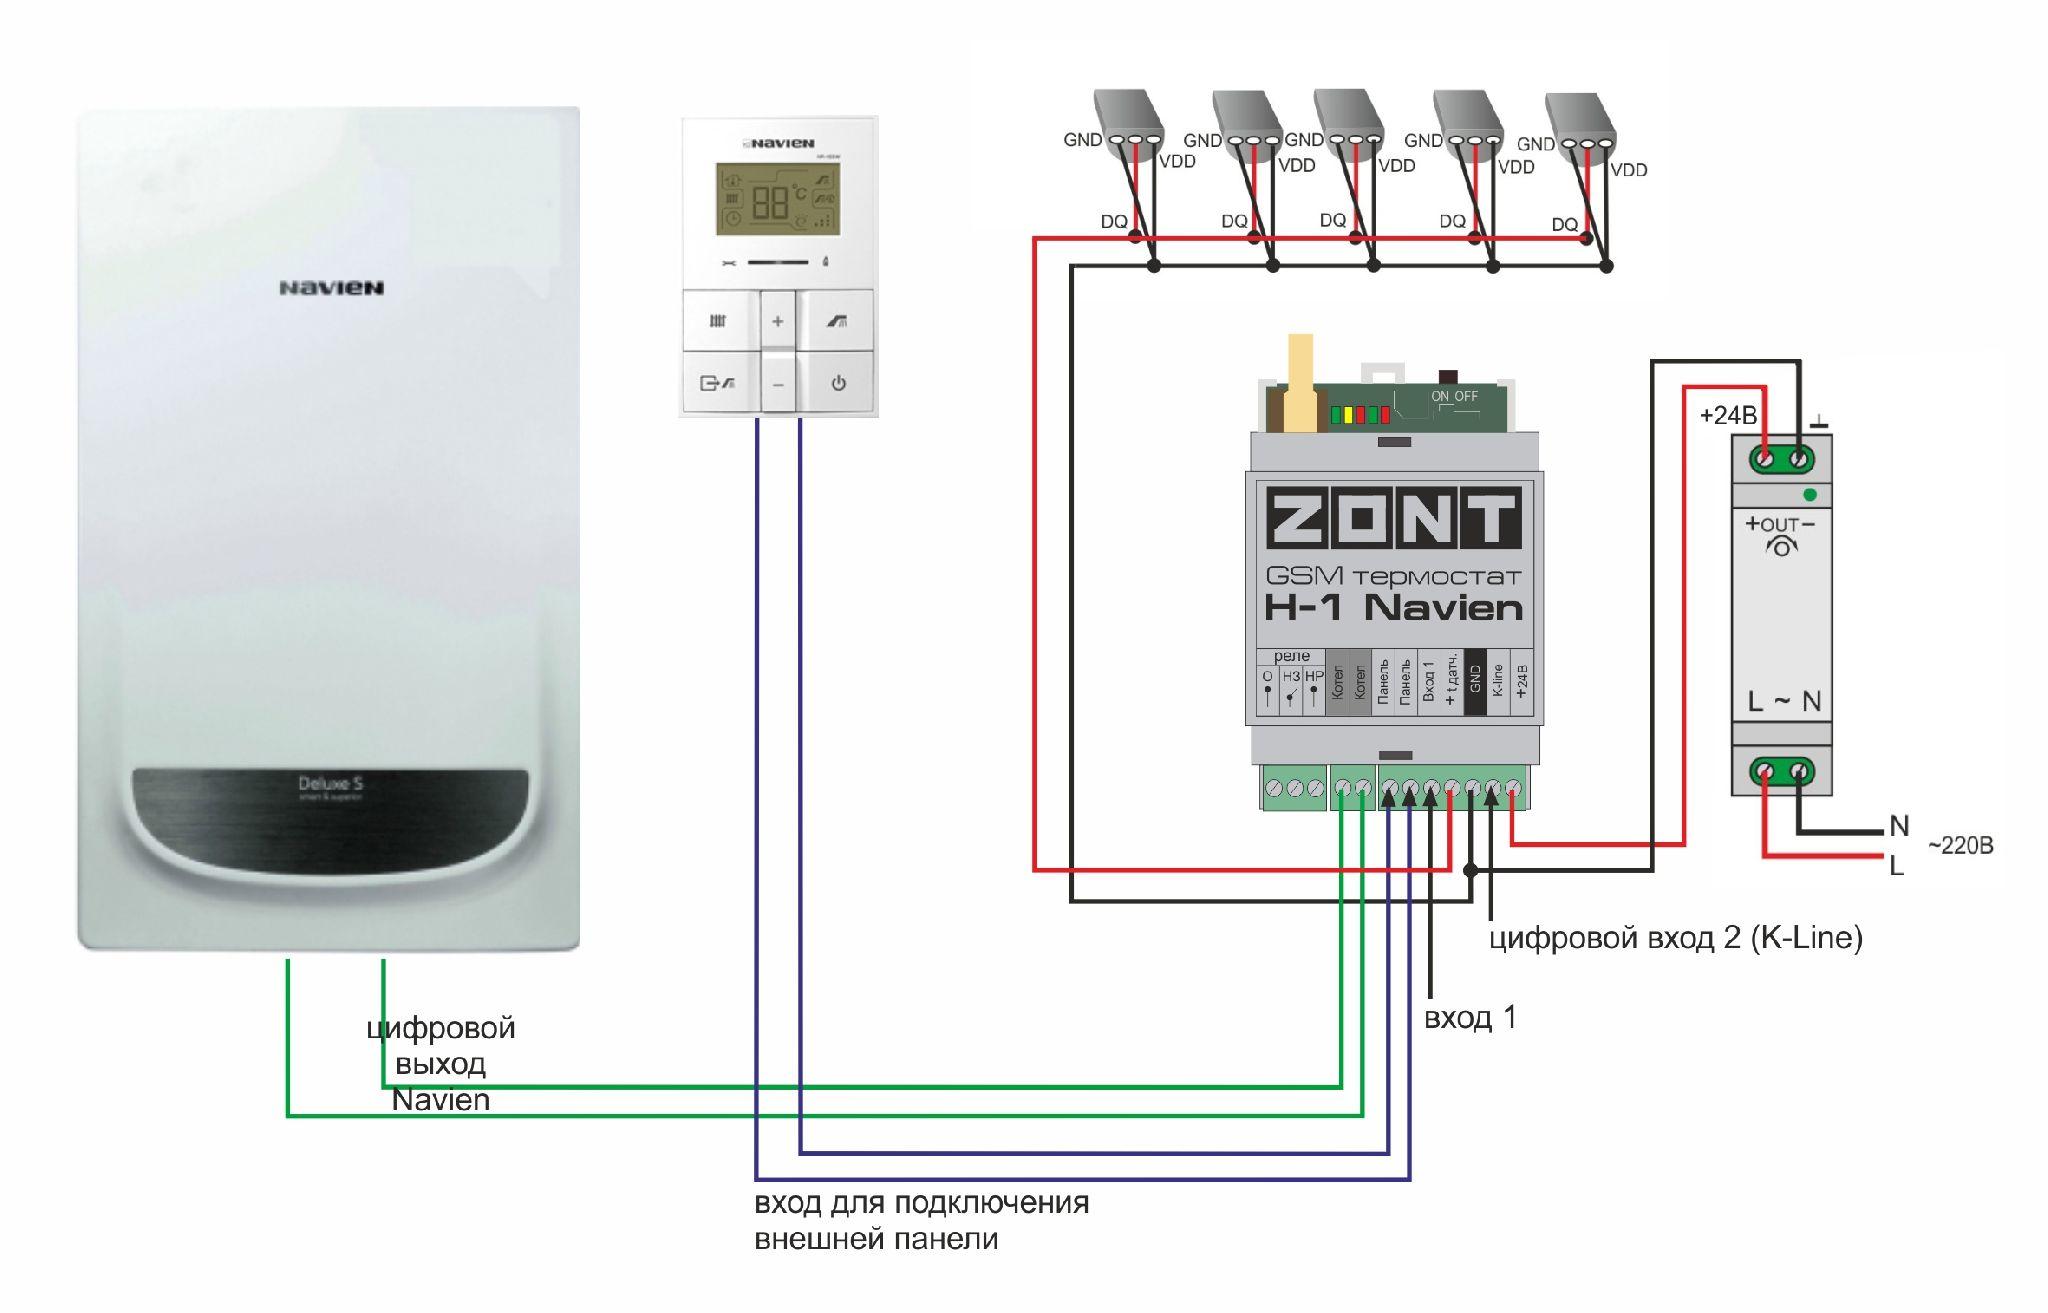 ZONT H-1 Navien GSM термостат для газовых котлов Navien купить, цена, отзывы, характеристики, официальный магазин   Москва, Волоколамское шоссе, 103, тел. +7 (495) 208-00-68